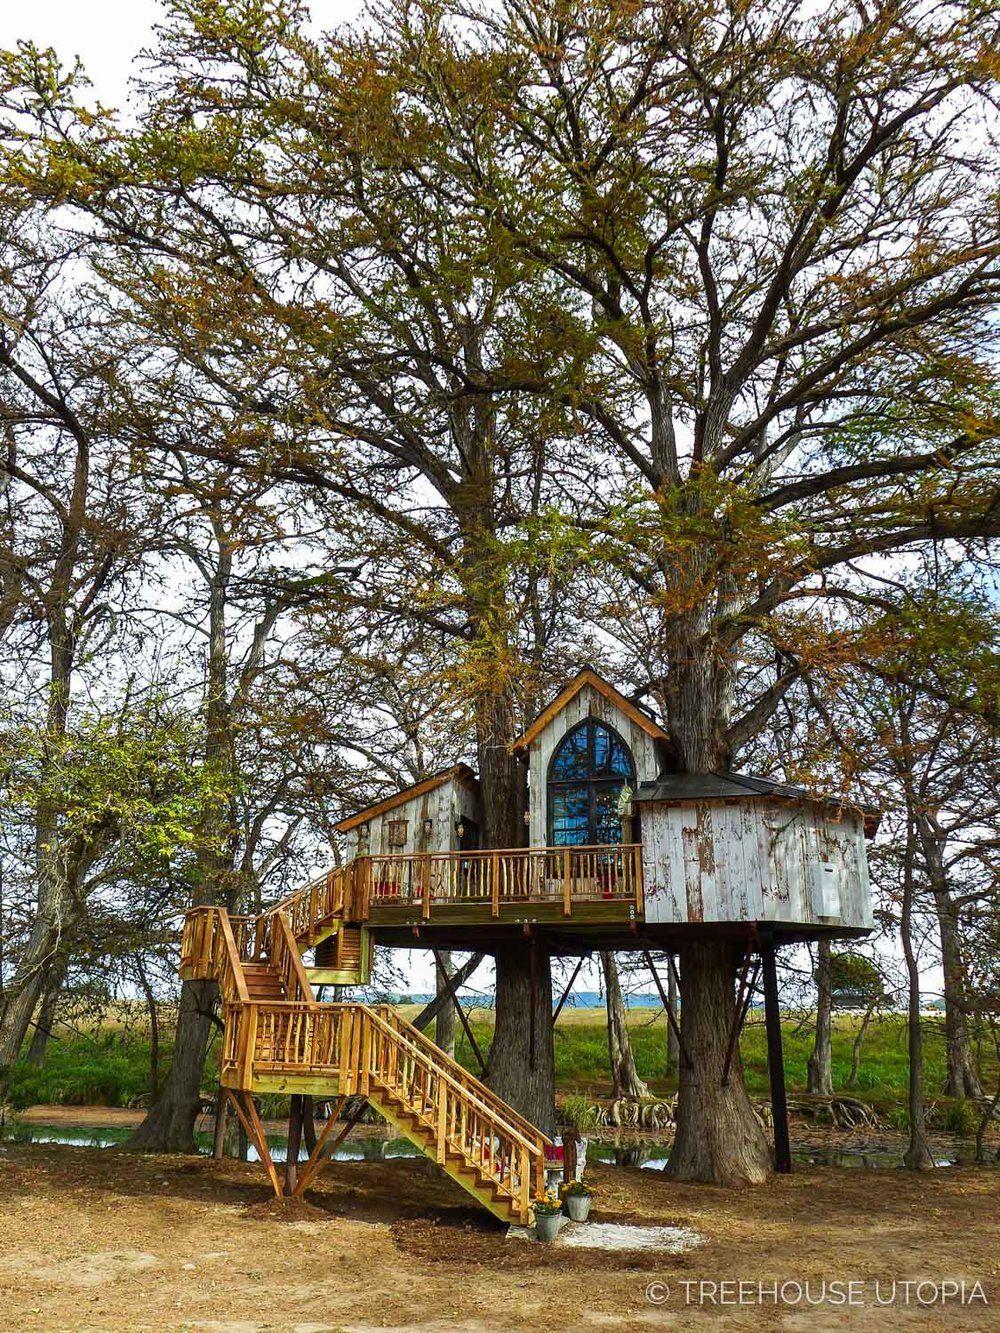 Treehouse Utopia Photo Tour Chapelle Tree house, Tree